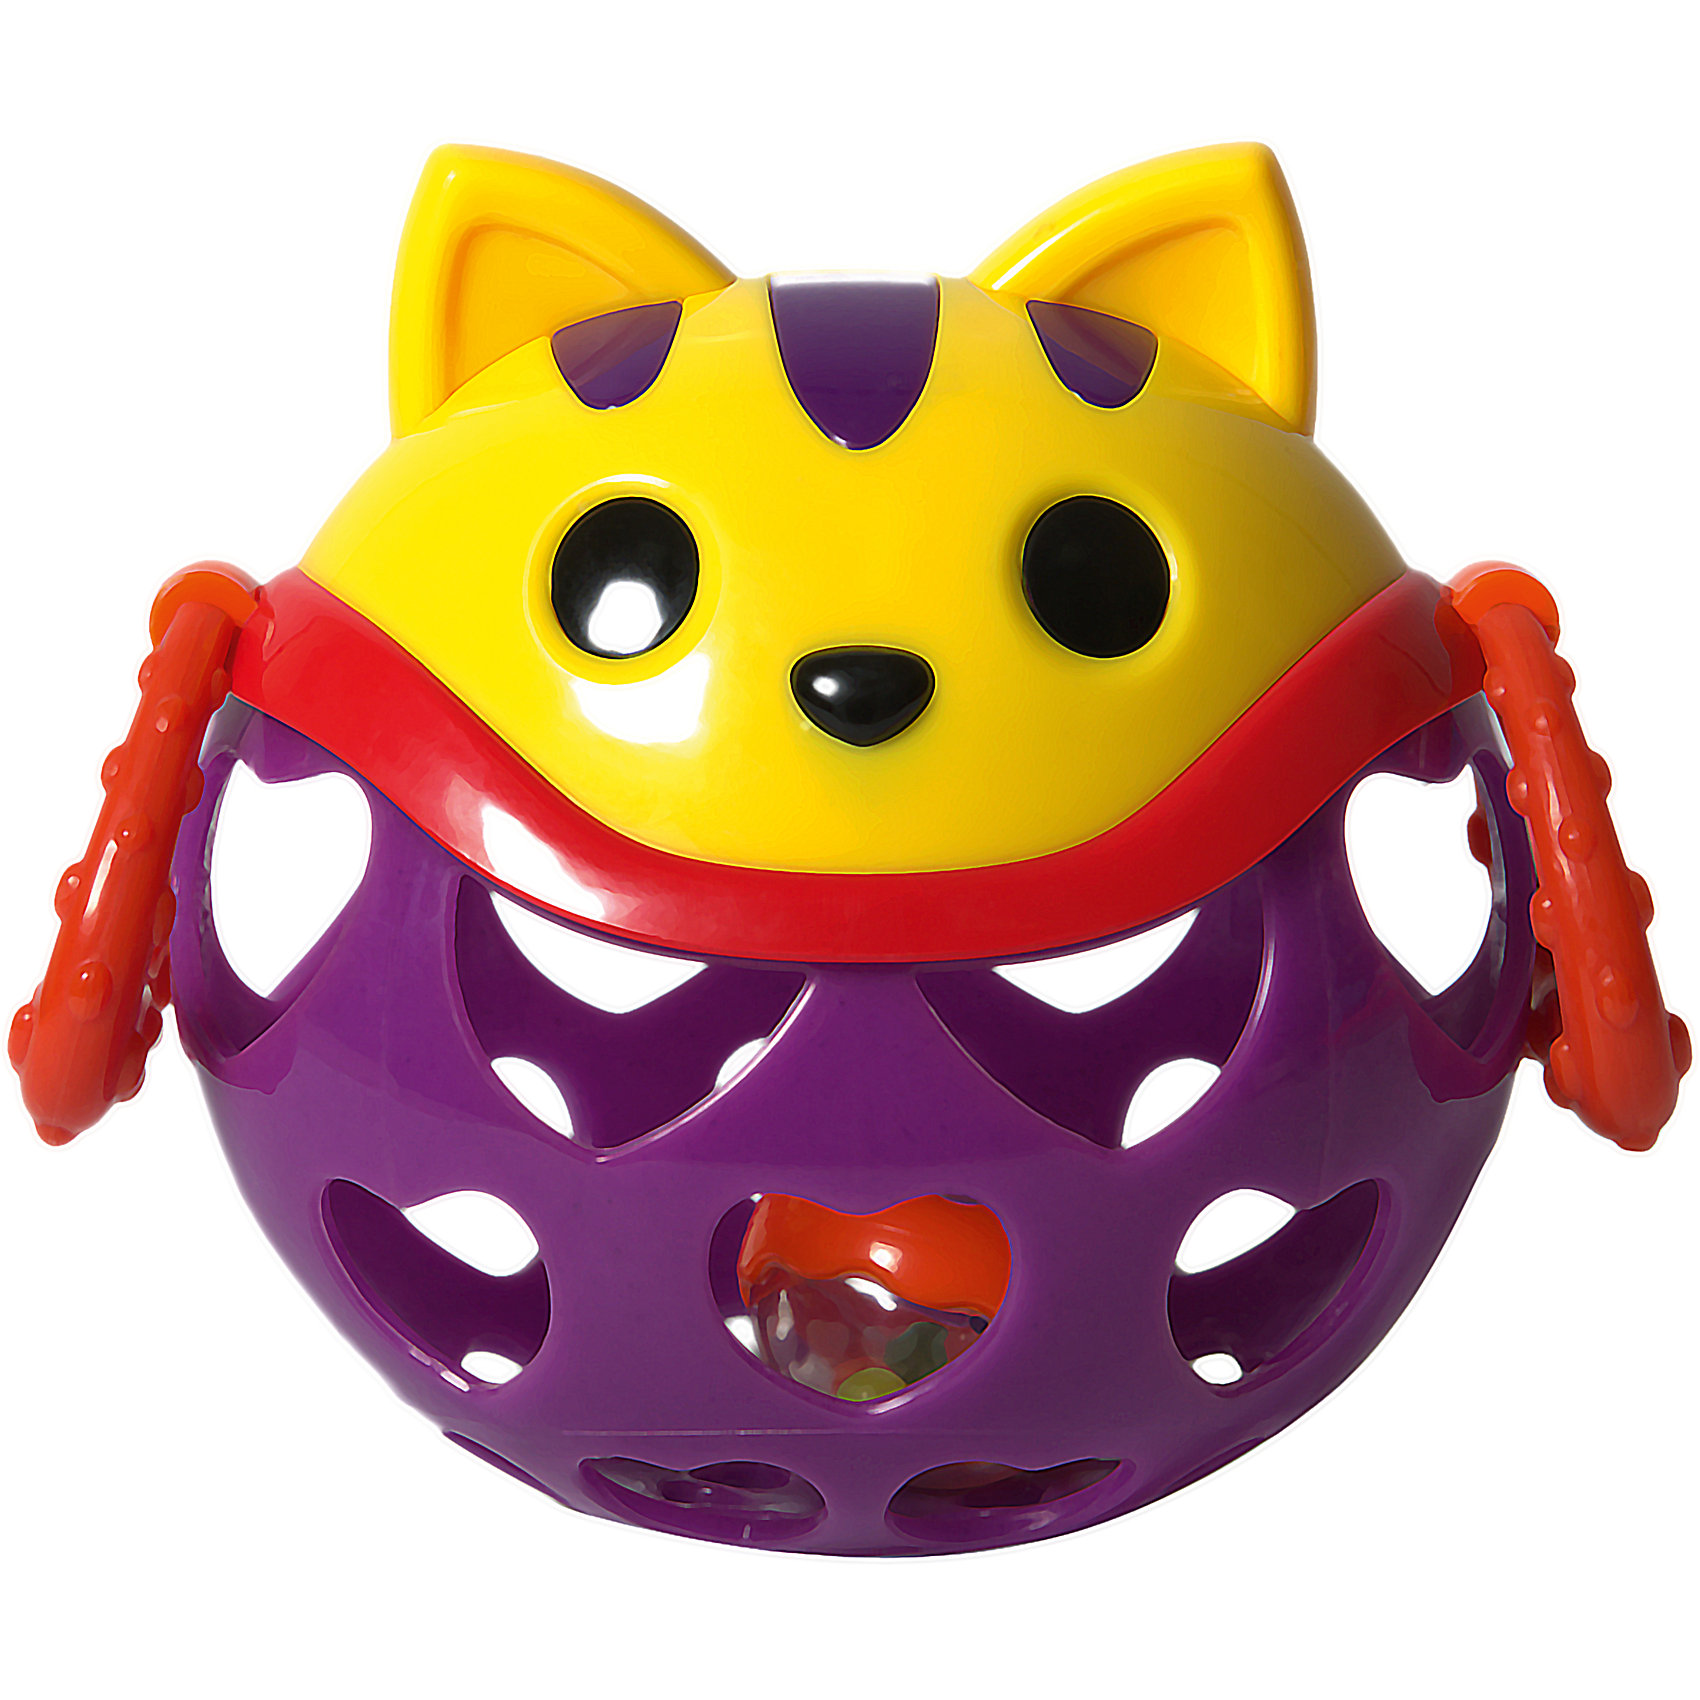 Погремушка-неразбивайка Baby Trend КошкаИгрушки для новорожденных<br>Характеристики:<br><br>• возраст: от 3 месяцев<br>• материал: мягкий гибкий пластик<br>• размер игрушки: 11х11,5х7,5 см.<br>• размер упаковки: 16,5х11,5х7,5 см.<br>• вес: 181 гр.<br><br>Яркая игрушка-неразбивайка «Кошка» от Baby Trend (Беби Тренд) изготовлена из мягкого гибкого высококачественного пластика. Игрушка не имеет острых и опасных выступов. Благодаря уникальной форме ее удобно держать маленькими пальчиками.<br><br>Внутри игрушки находится прозрачный контейнер с цветными шариками, которые издают забавные звуки при встряхивании. Рельефные ручки игрушки можно использовать в качестве прорезывателей для зубов, они успокоят нежные десна малыша.<br><br>Игрушку-неразбивайку Кошка, Baby Trend (Беби Тренд) можно купить в нашем интернет-магазине.<br><br>Ширина мм: 140<br>Глубина мм: 135<br>Высота мм: 105<br>Вес г: 181<br>Возраст от месяцев: 3<br>Возраст до месяцев: 2147483647<br>Пол: Унисекс<br>Возраст: Детский<br>SKU: 6872171